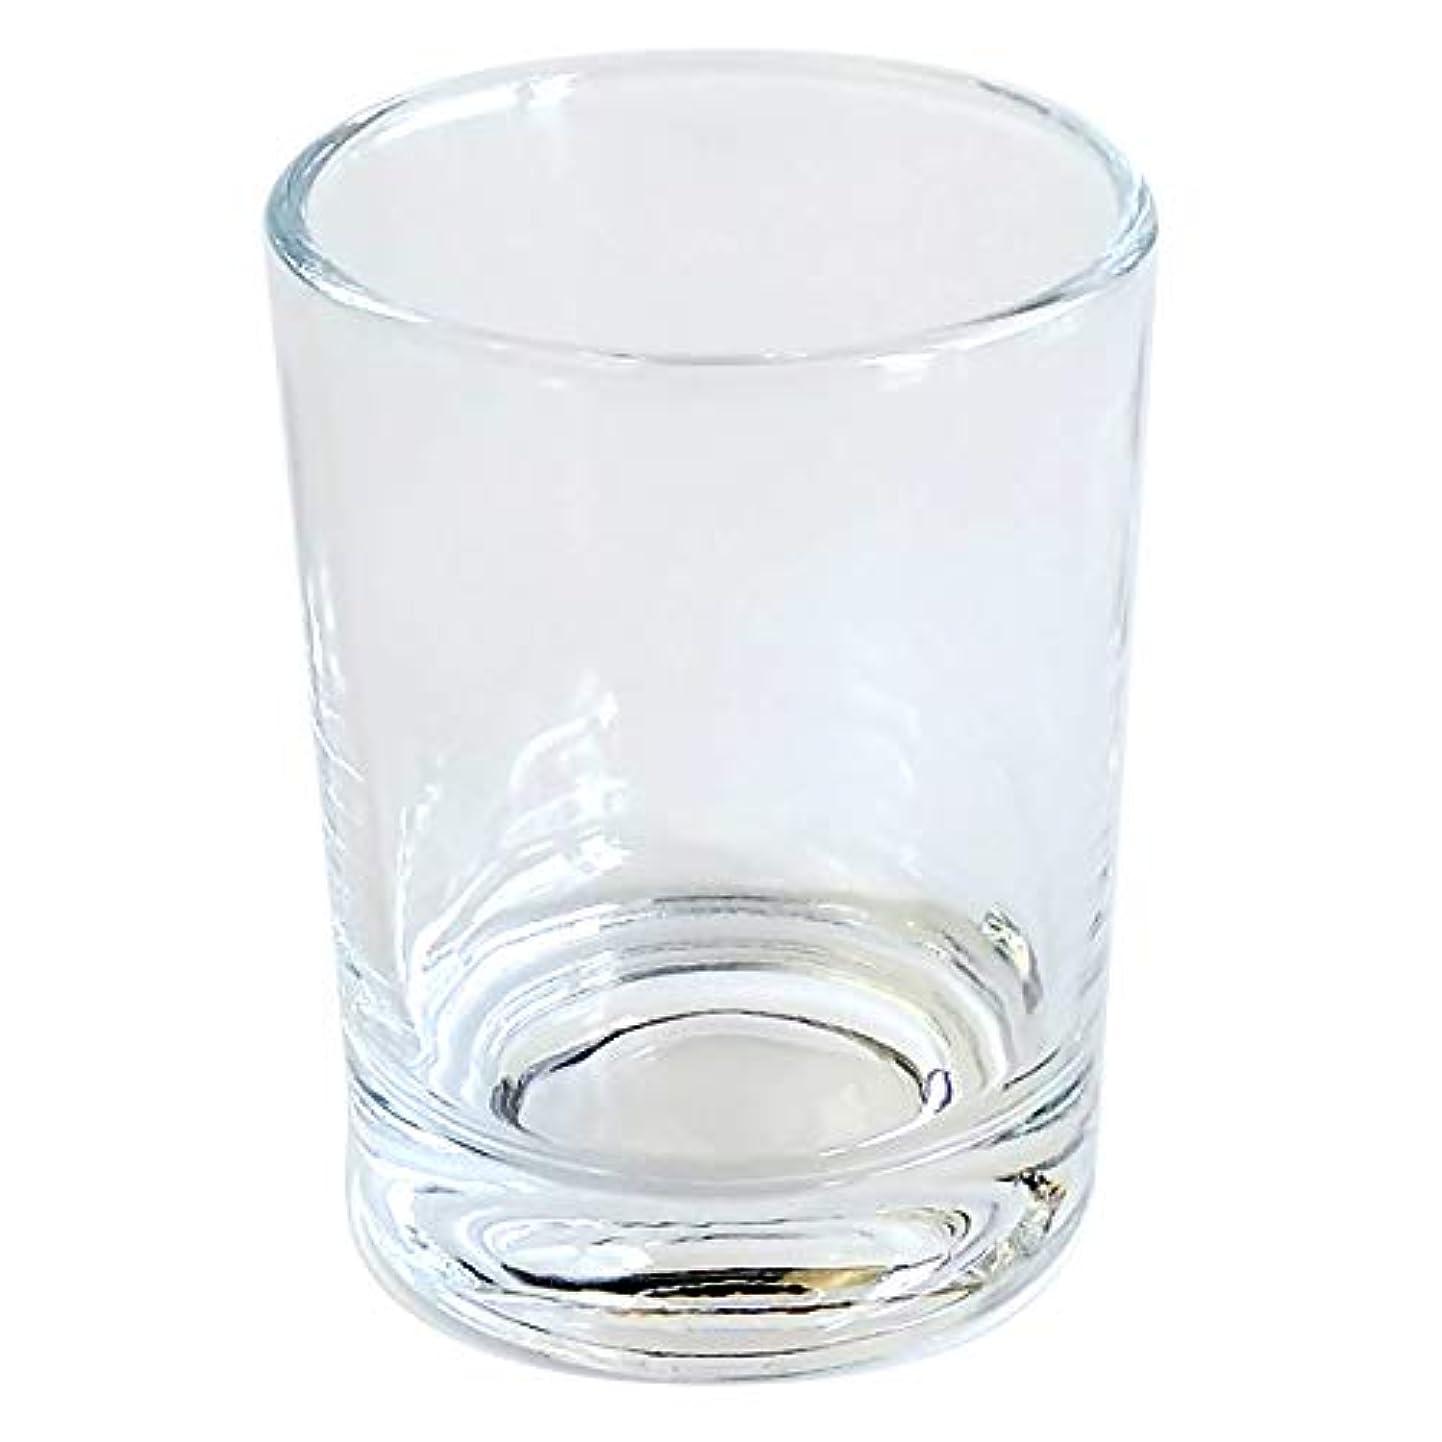 肉小人気づくなるキャンドルホルダー ガラス シンプル[大] 1個 キャンドルスタンド ろうそく立て おしゃれ